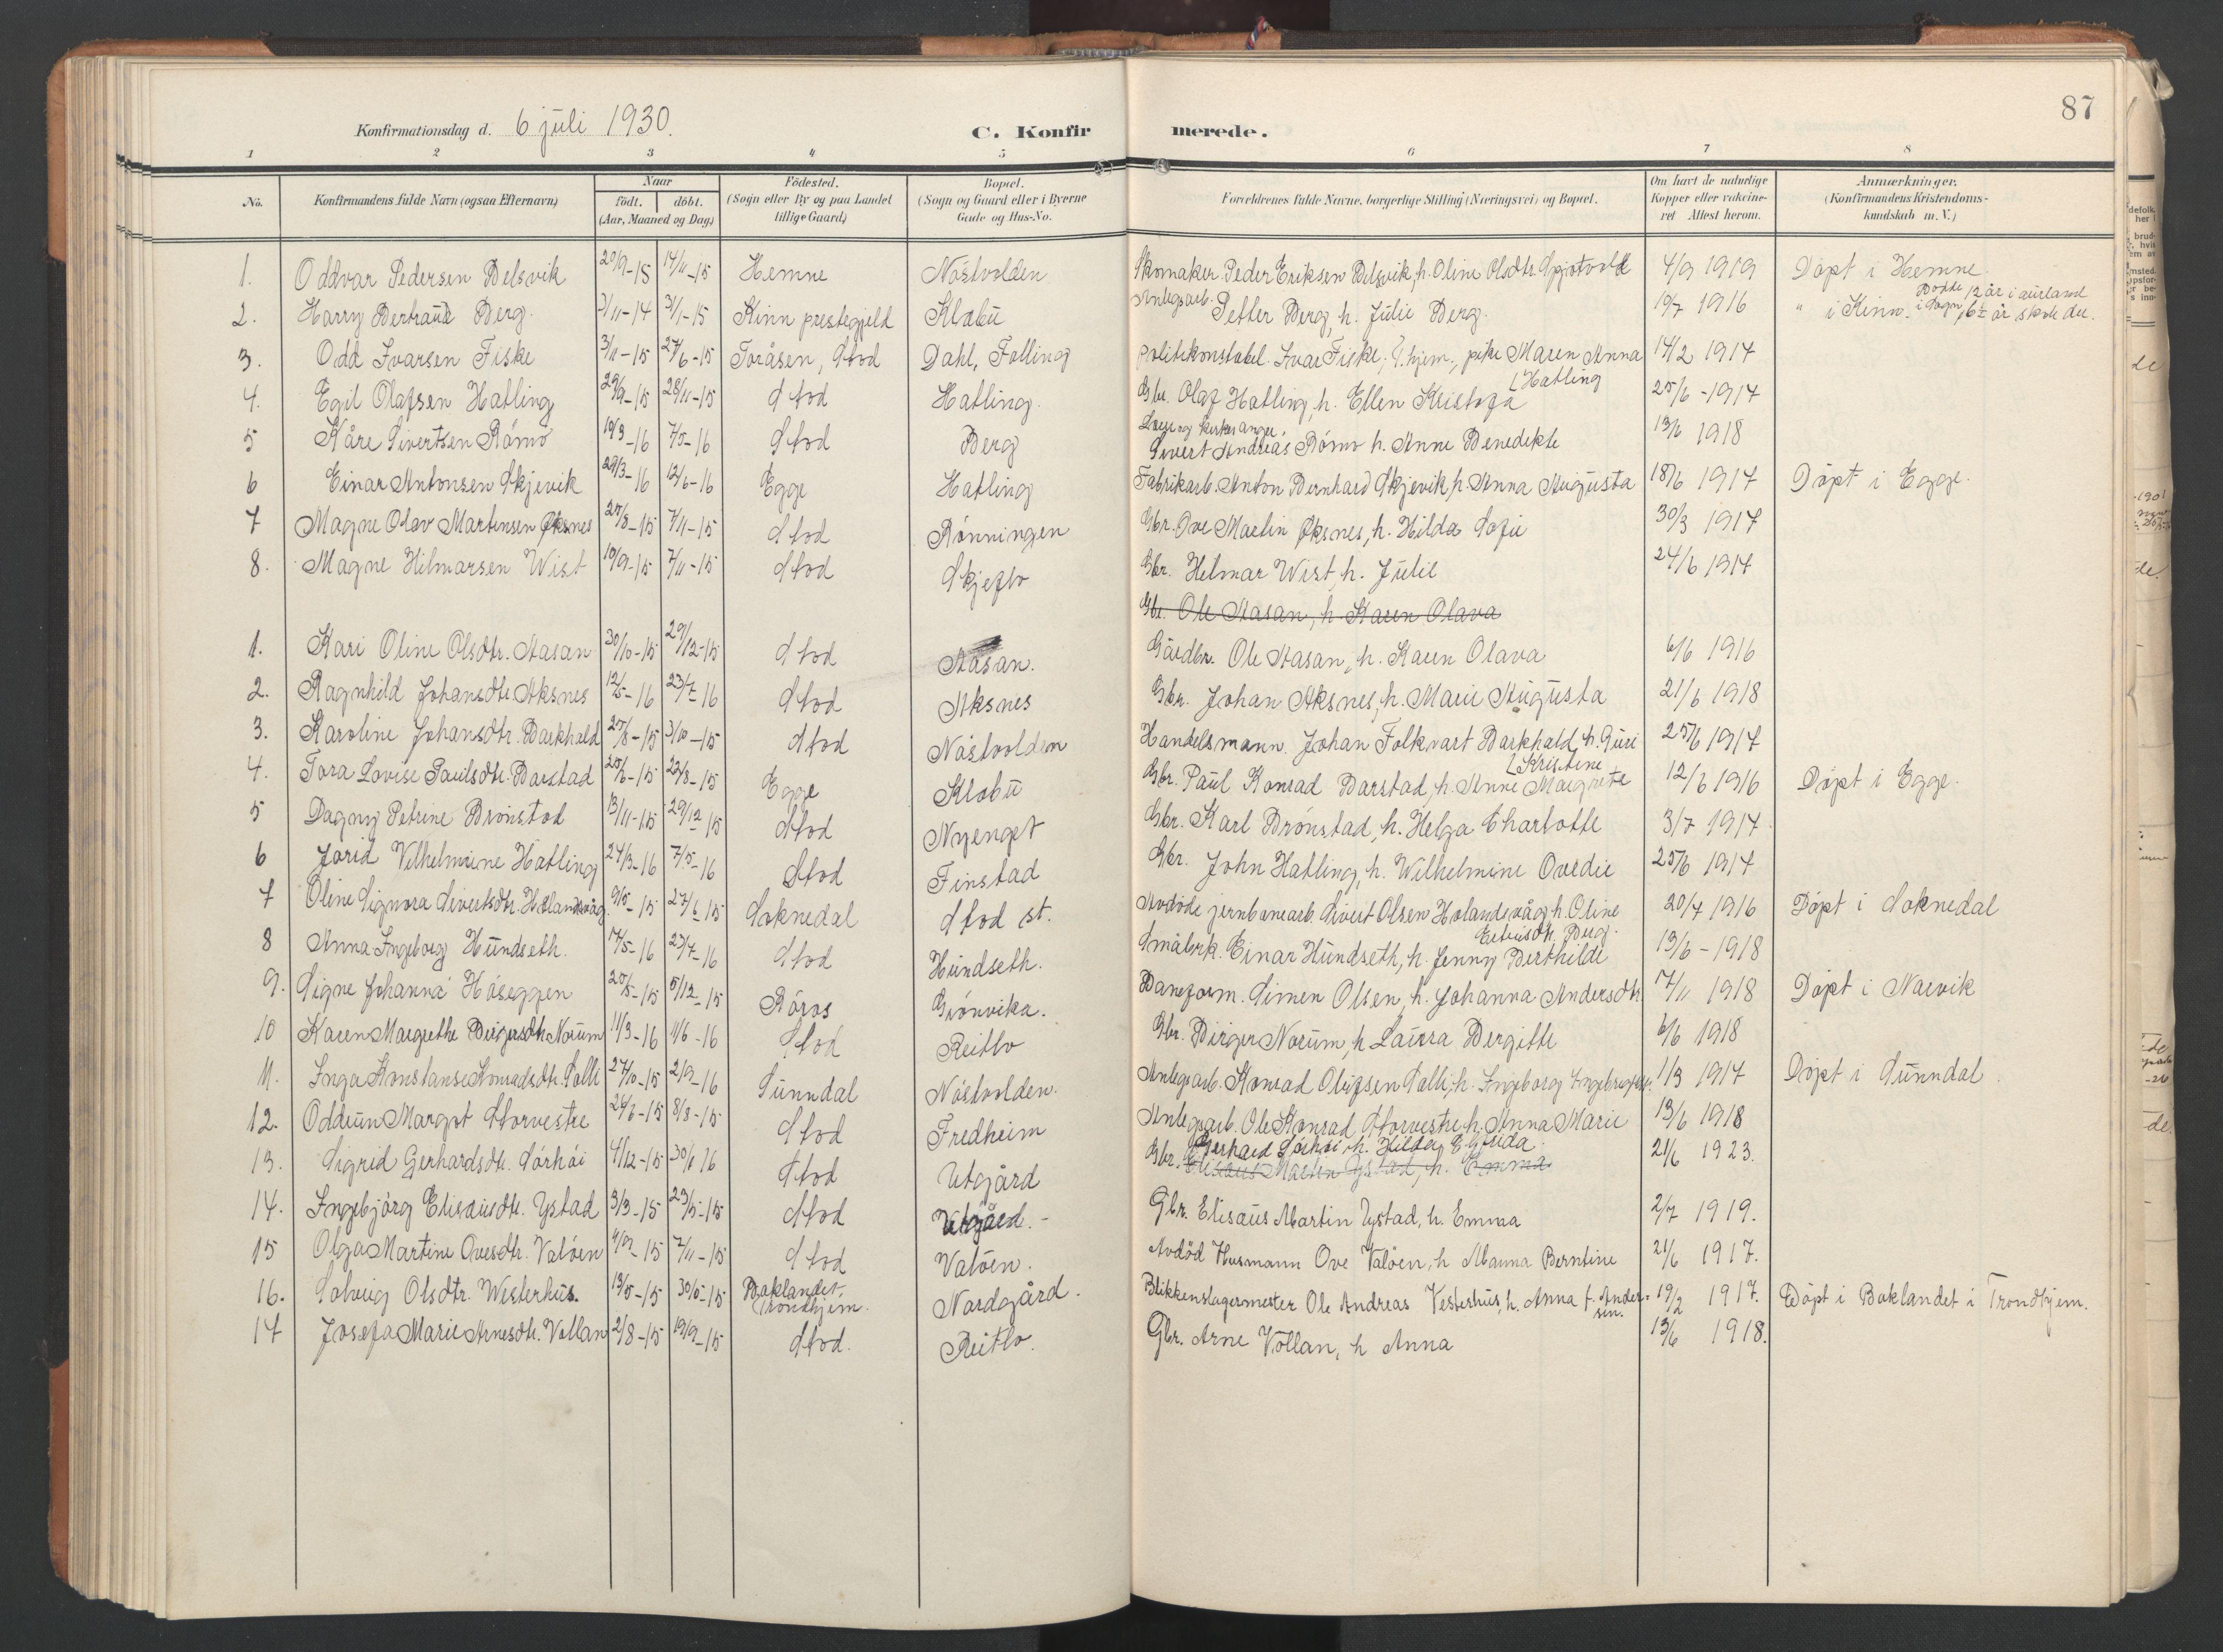 SAT, Ministerialprotokoller, klokkerbøker og fødselsregistre - Nord-Trøndelag, 746/L0455: Klokkerbok nr. 746C01, 1908-1933, s. 87